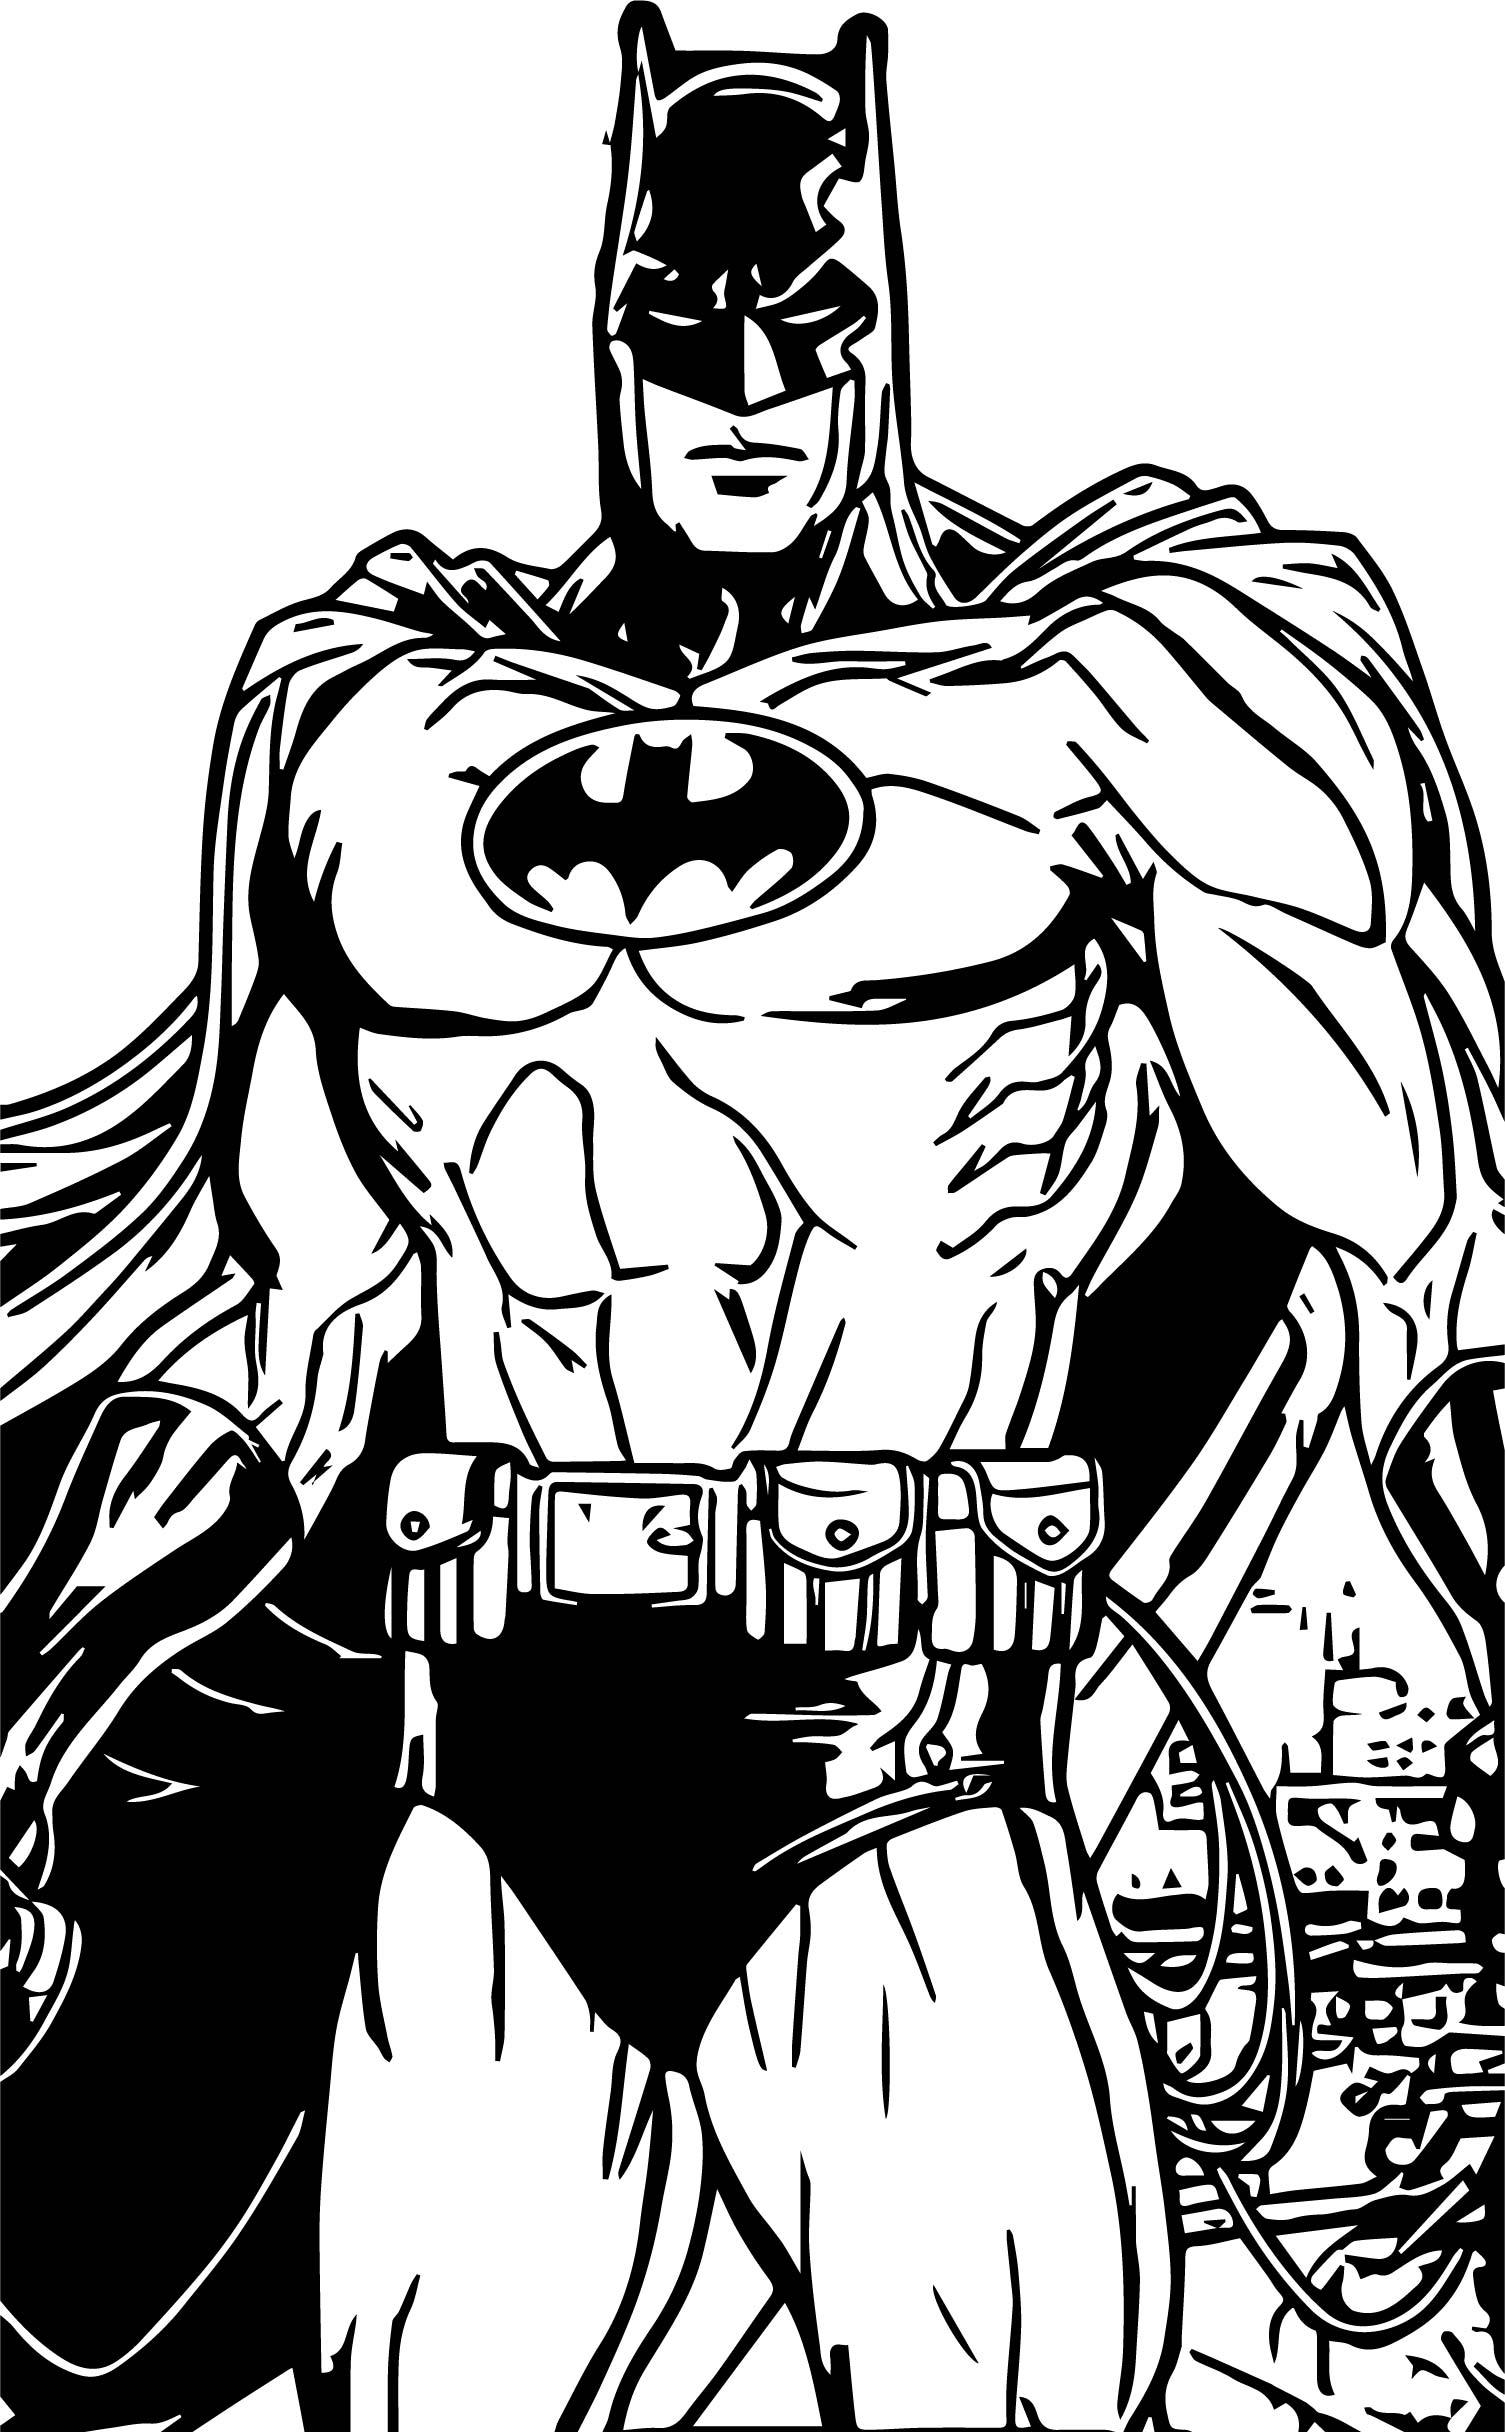 Superhero Batman Coloring Page